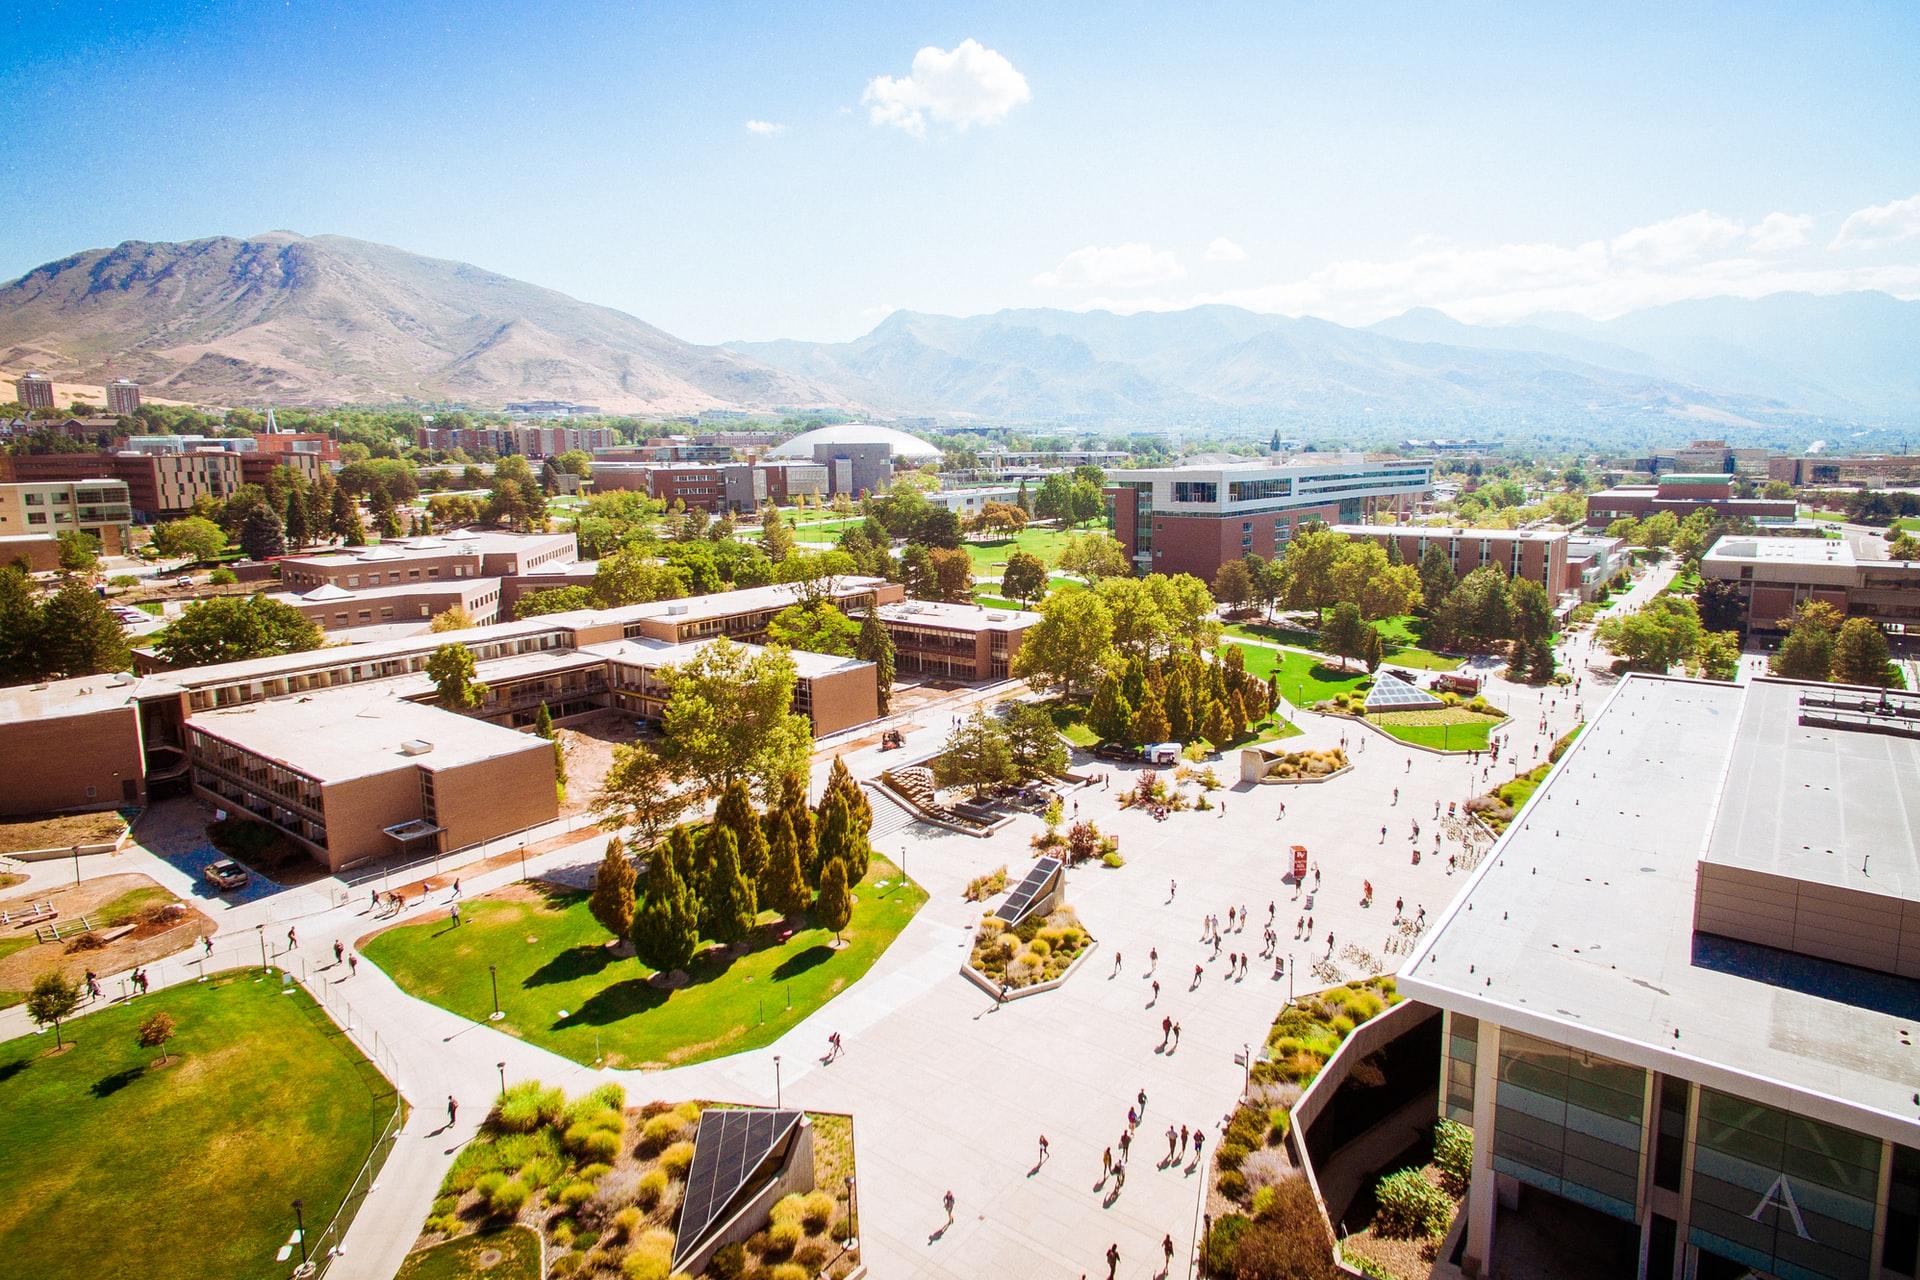 University of Utah aerial photo